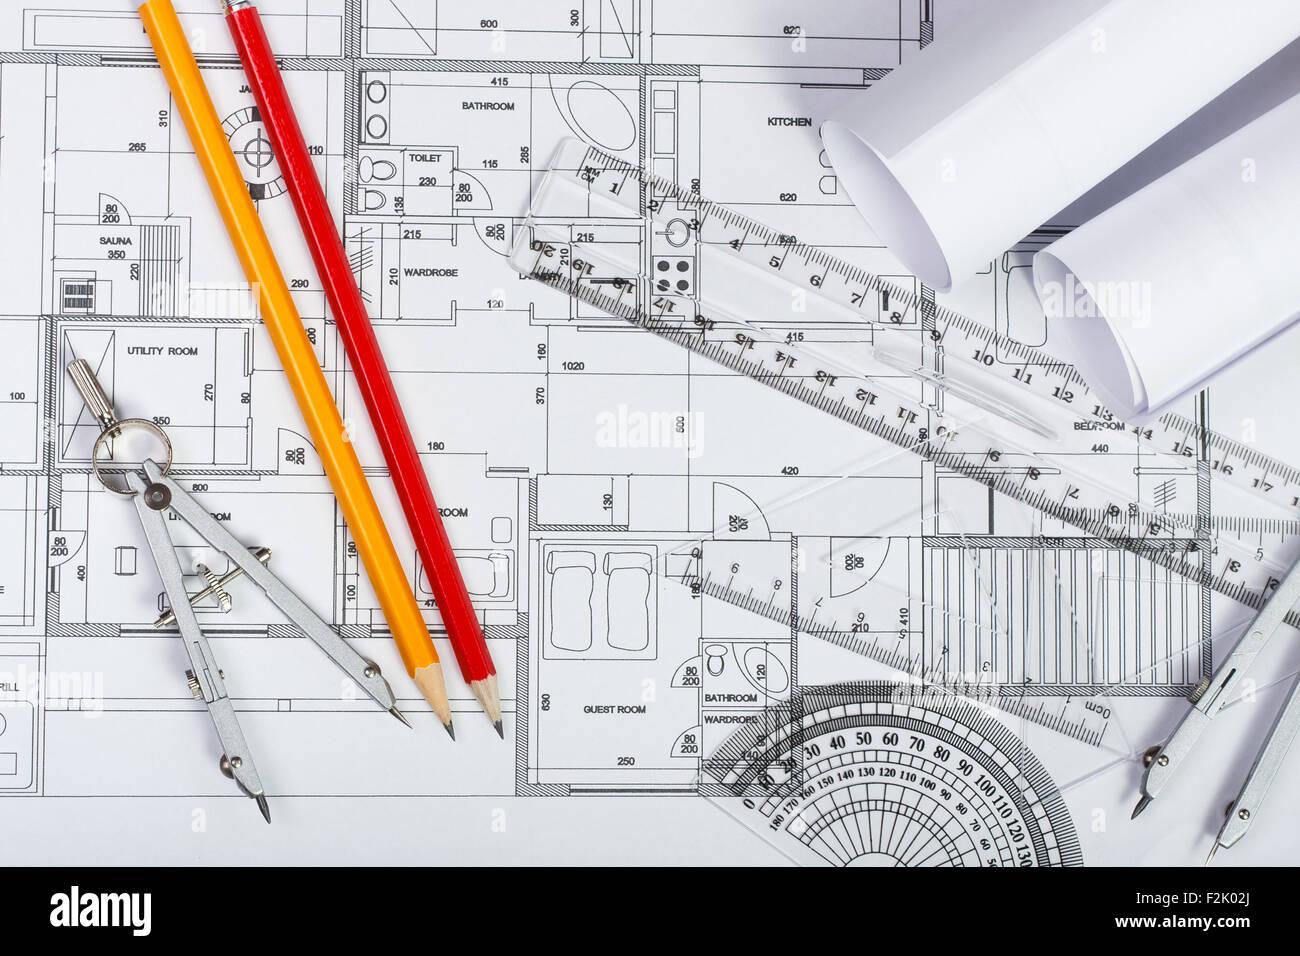 Baupläne, Bleistift und Lineal Stockfoto, Bild: 87698314 - Alamy